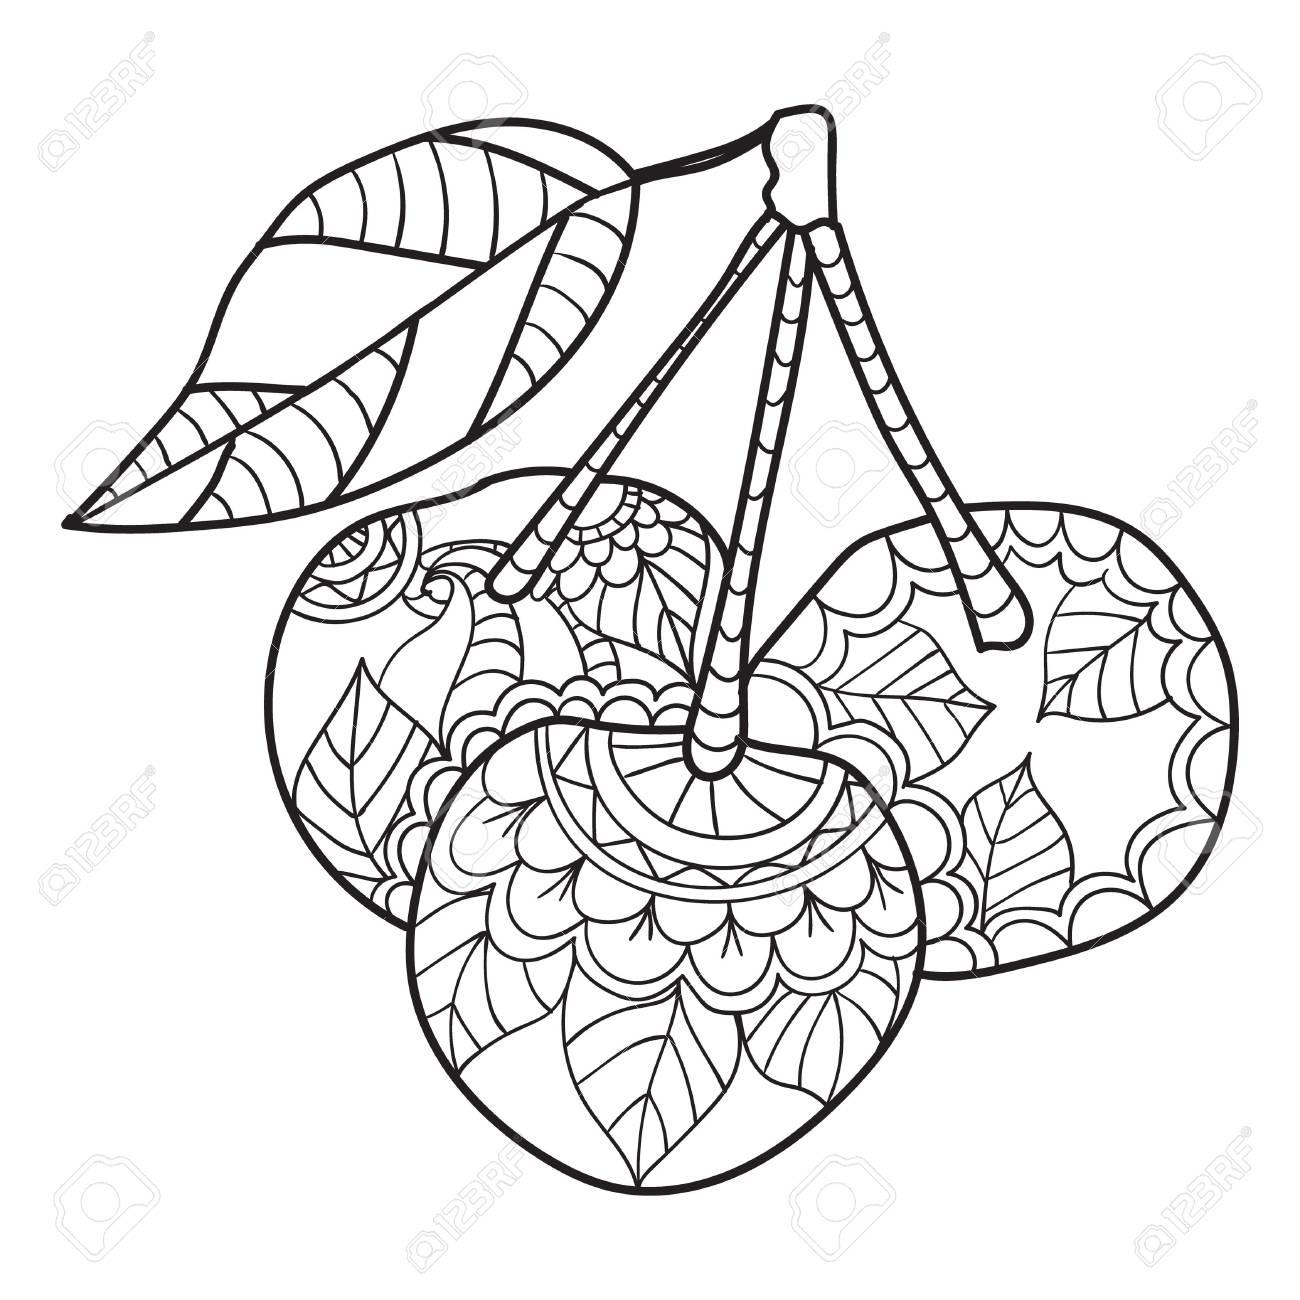 Dibujos Para Colorear Para Adultos Bosquejo De Cereza Ilustración De Vector De Frutas